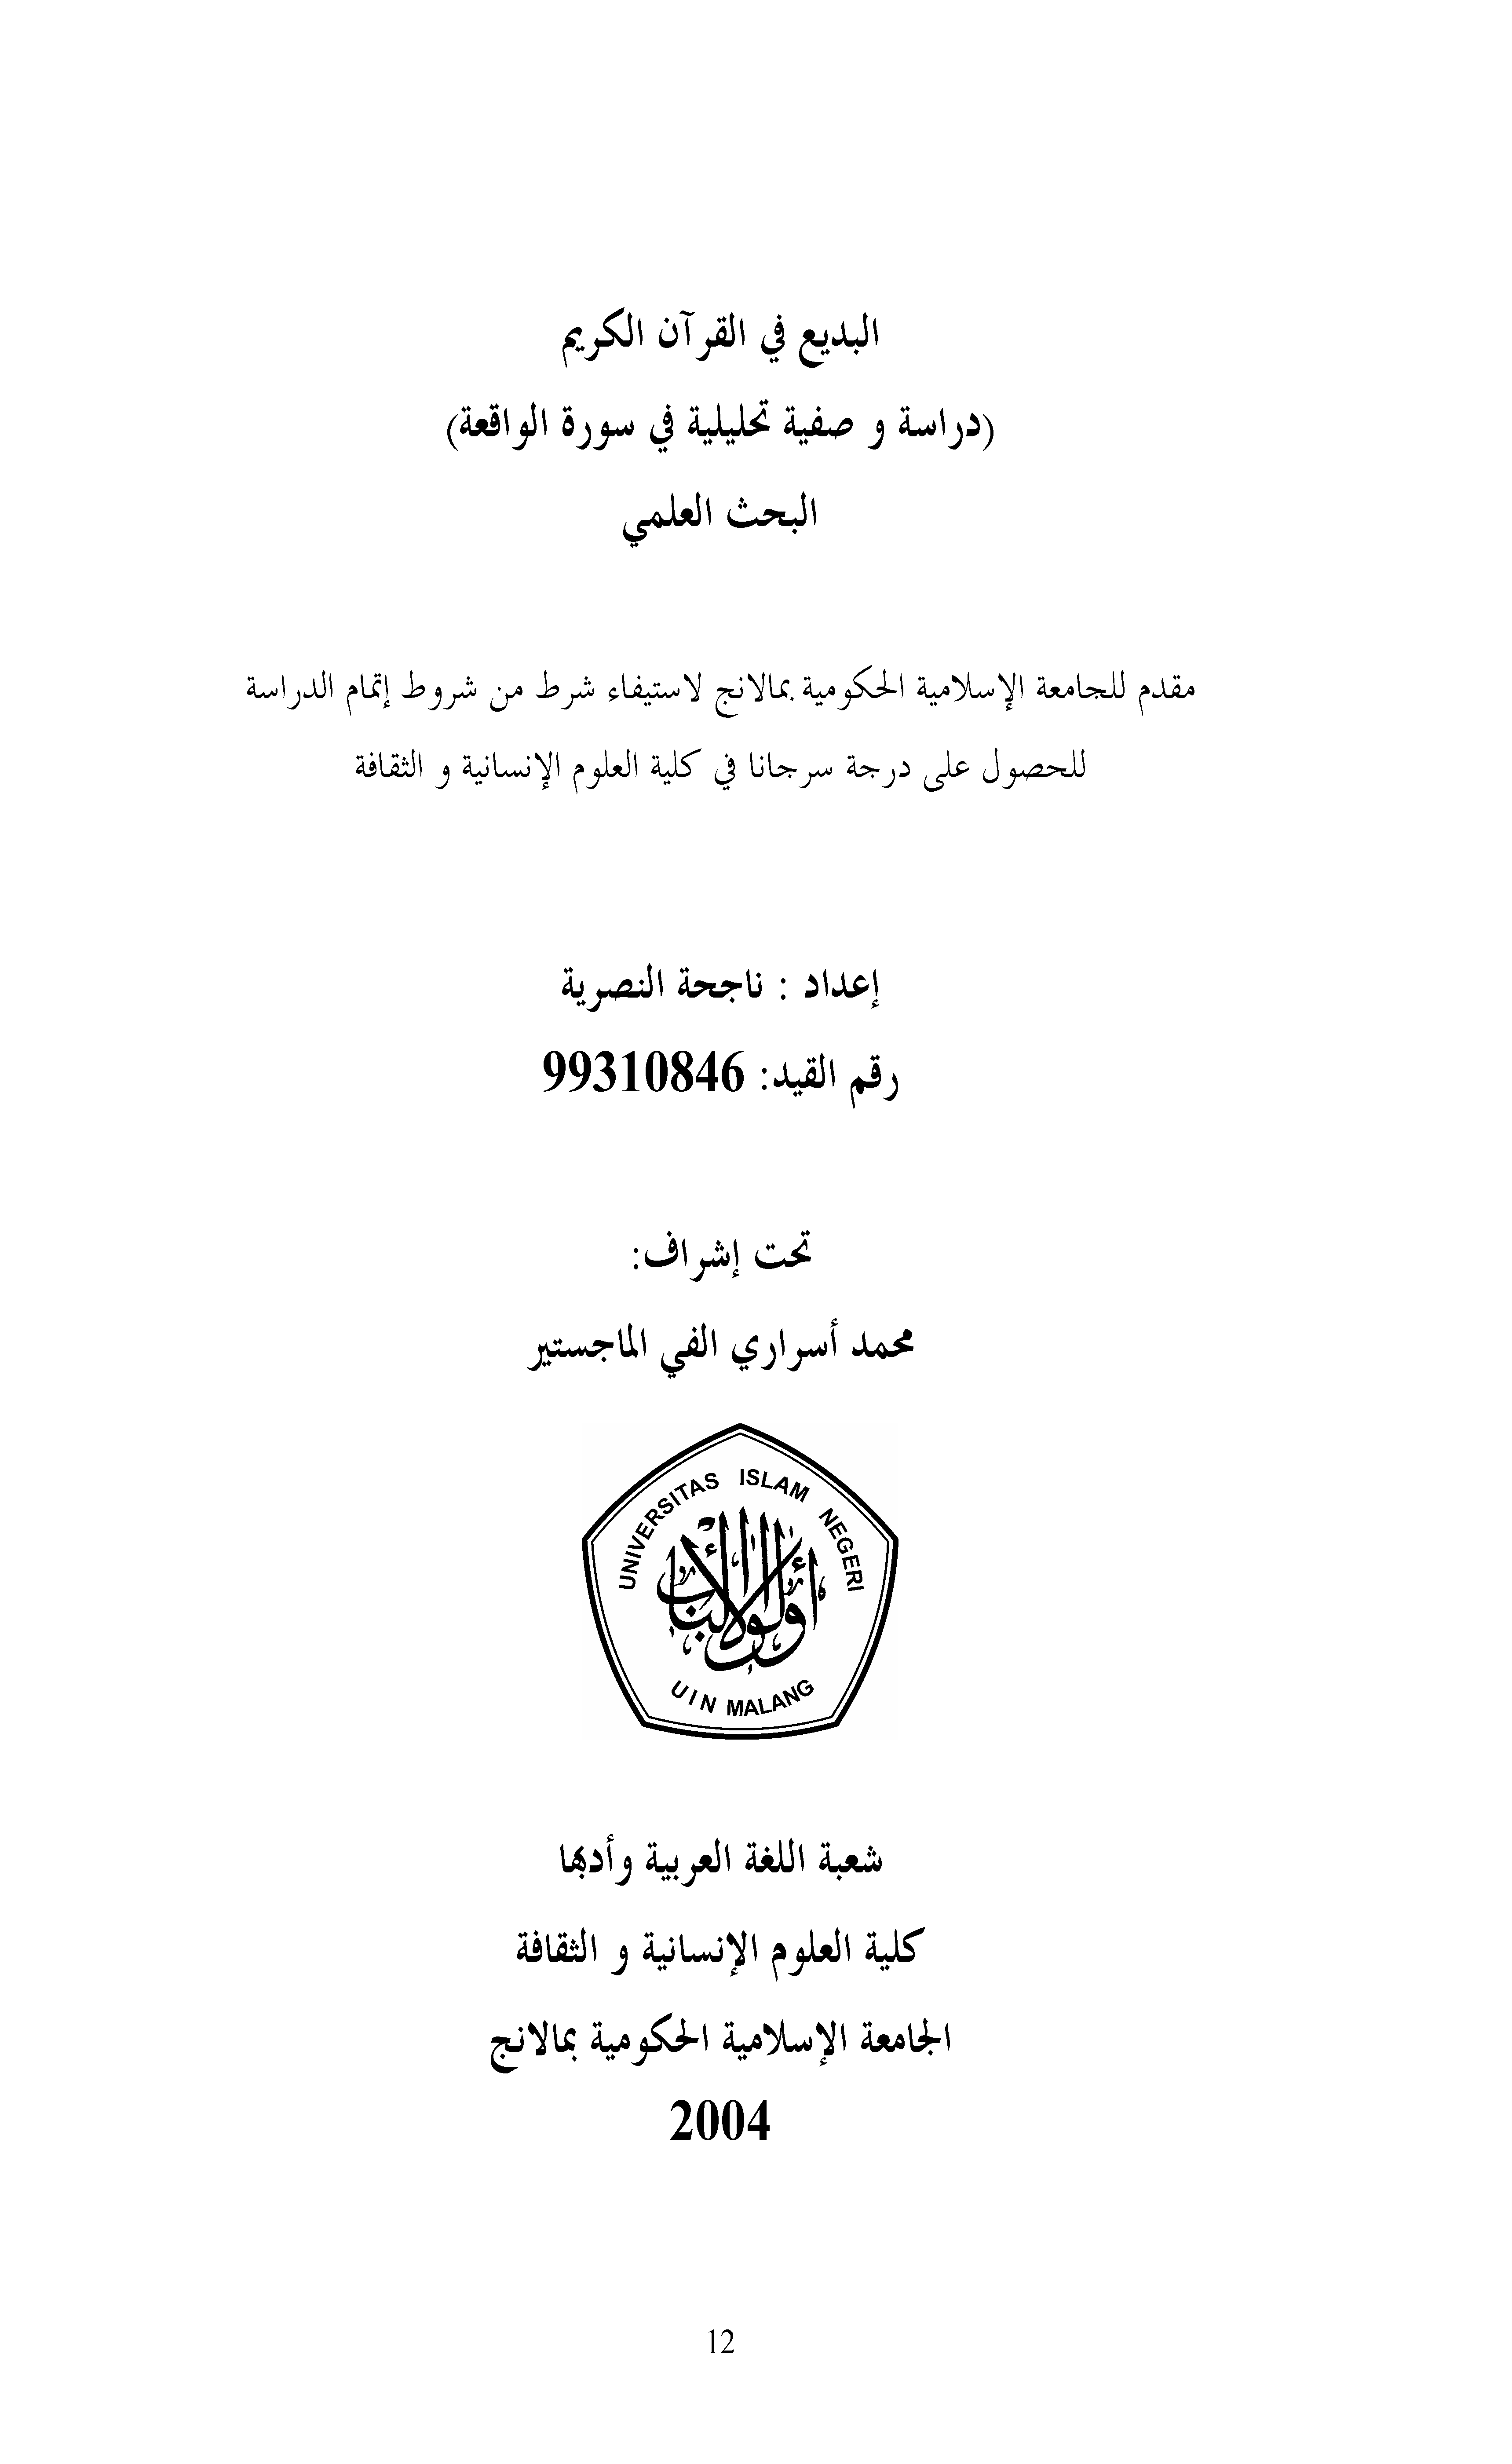 البديع في القرآن الكريم (دراسة وصفية تحليلية في سورة الواقعة) - ناجحة النصرية